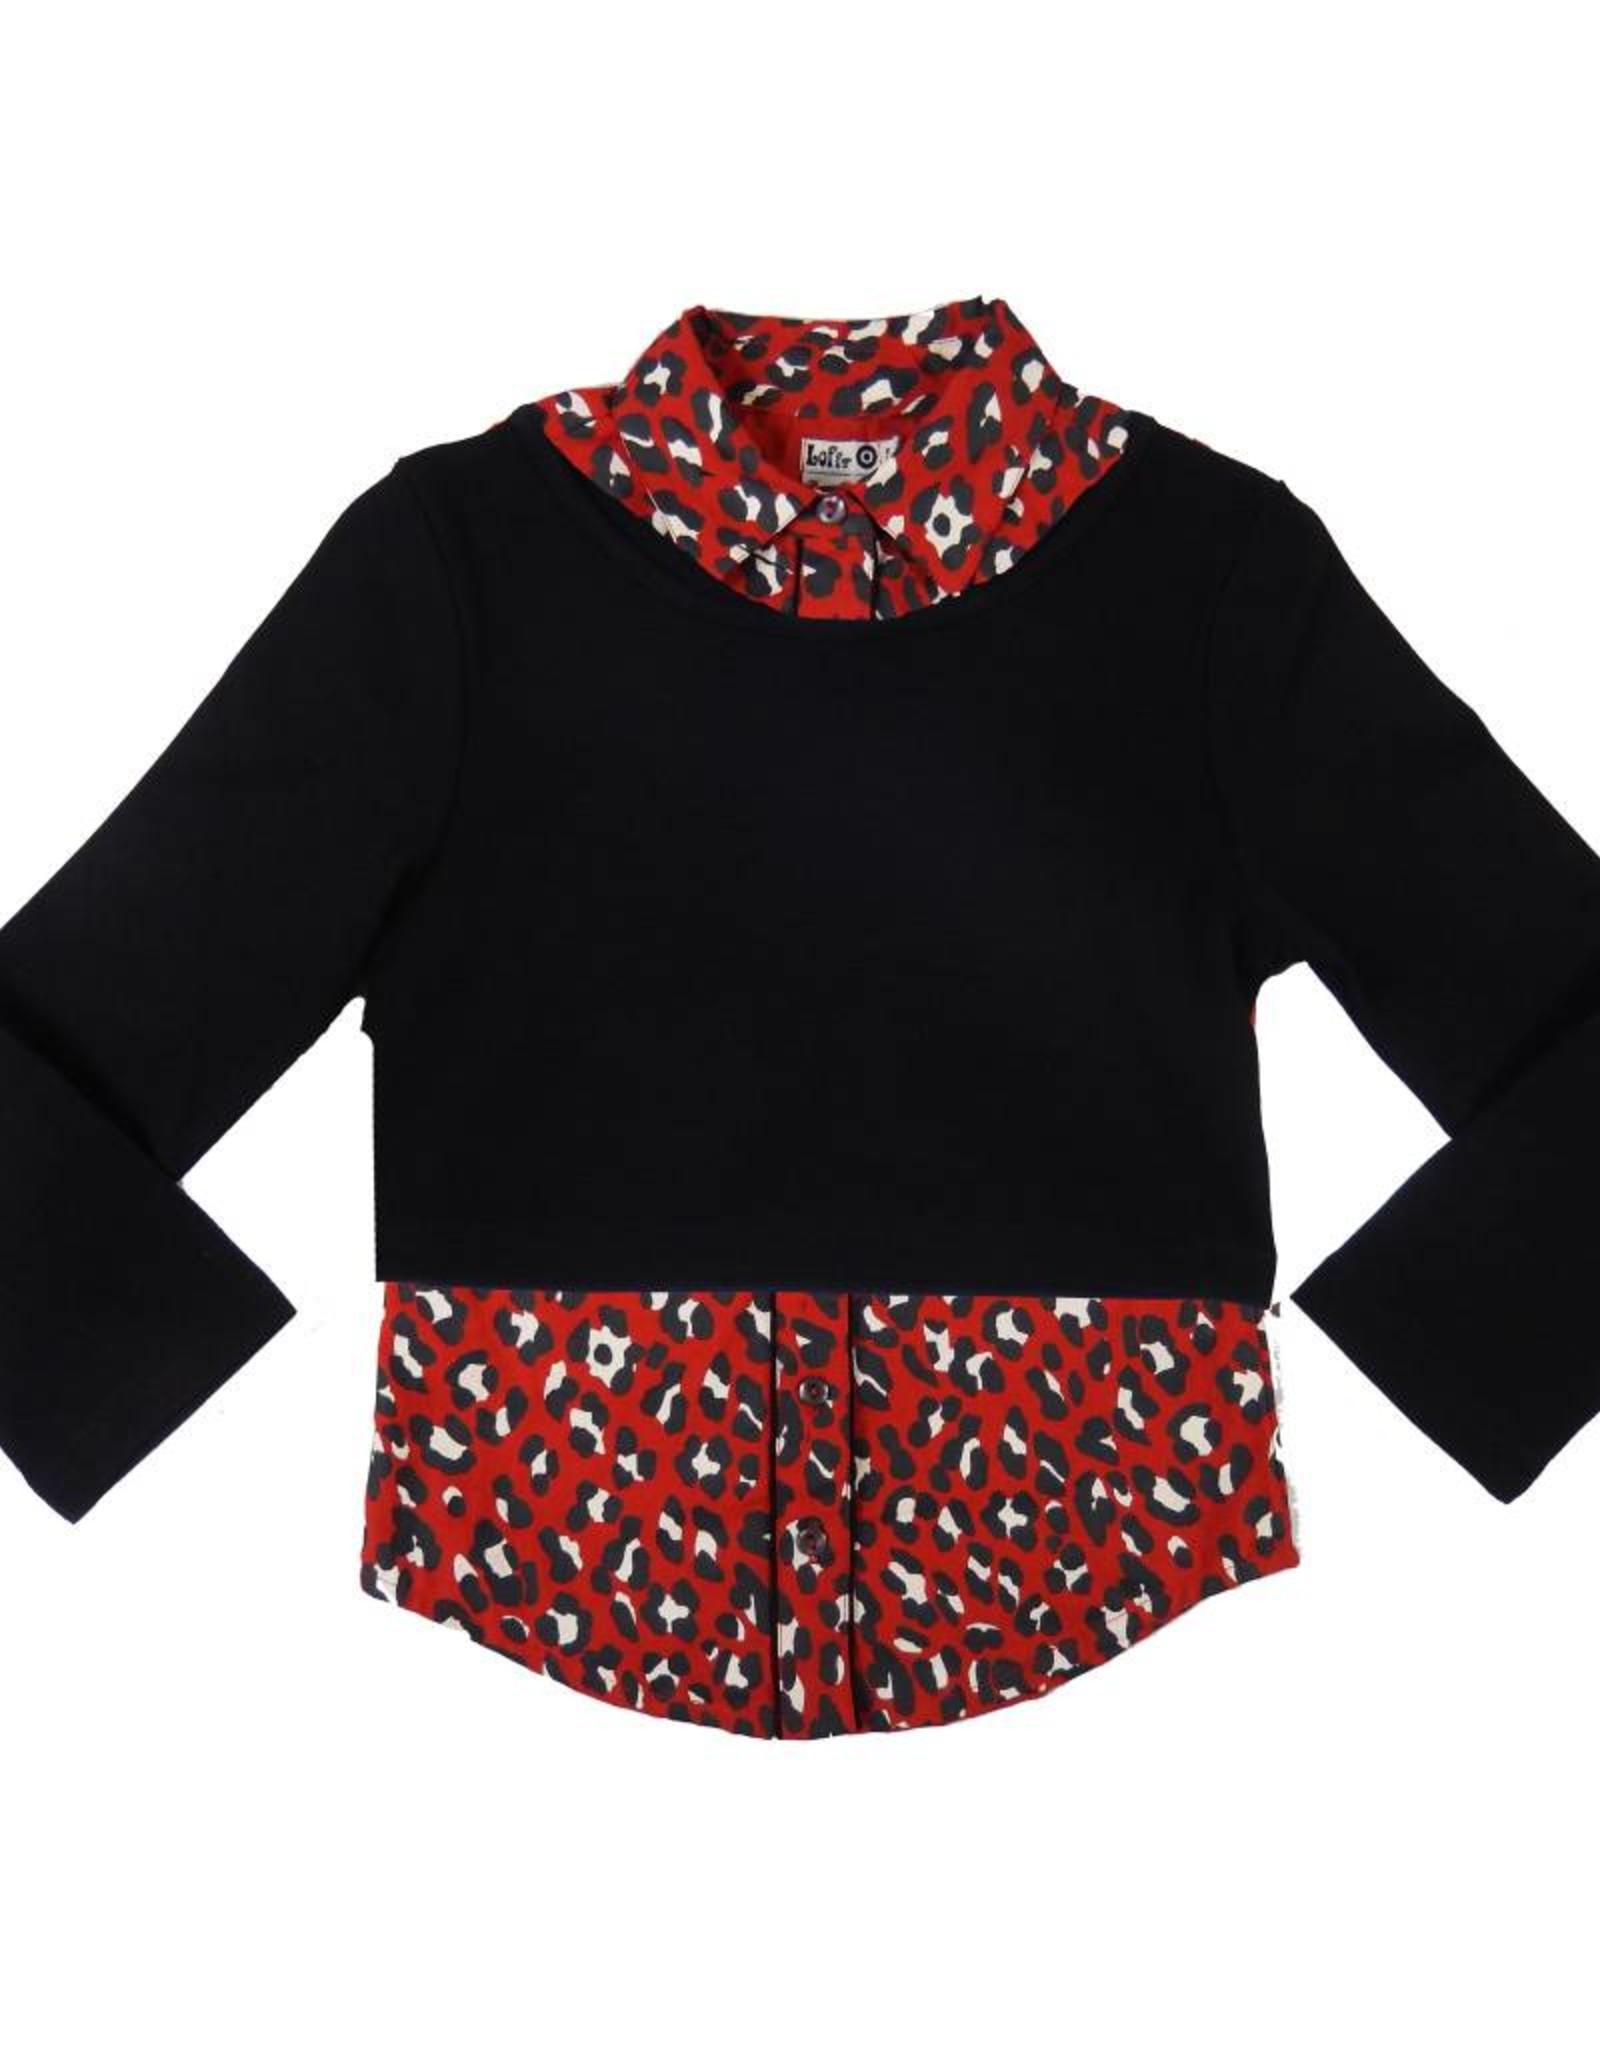 Lofff Combination top - Black